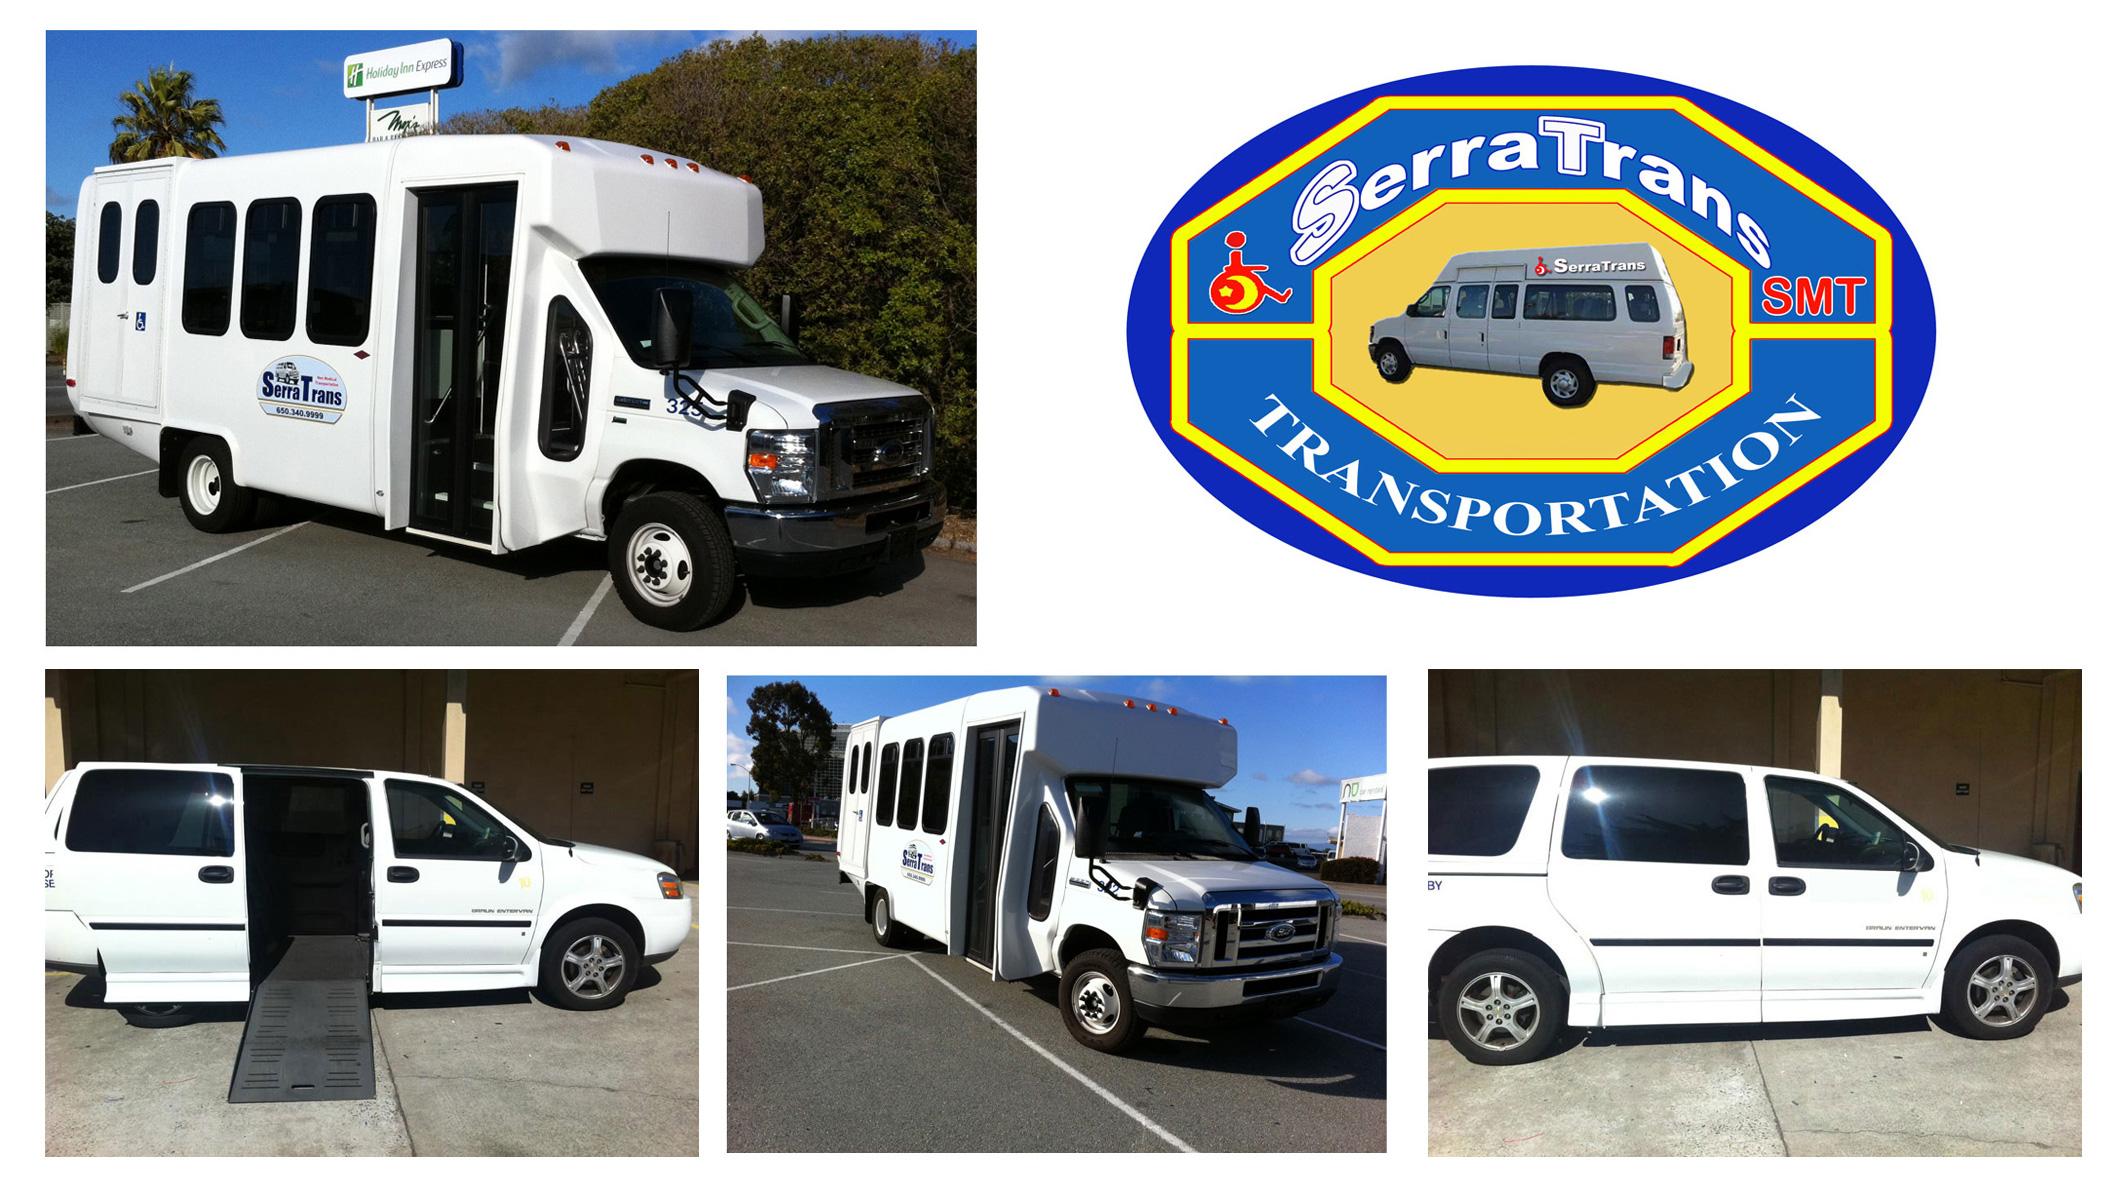 Serra Medical Transportation Inc